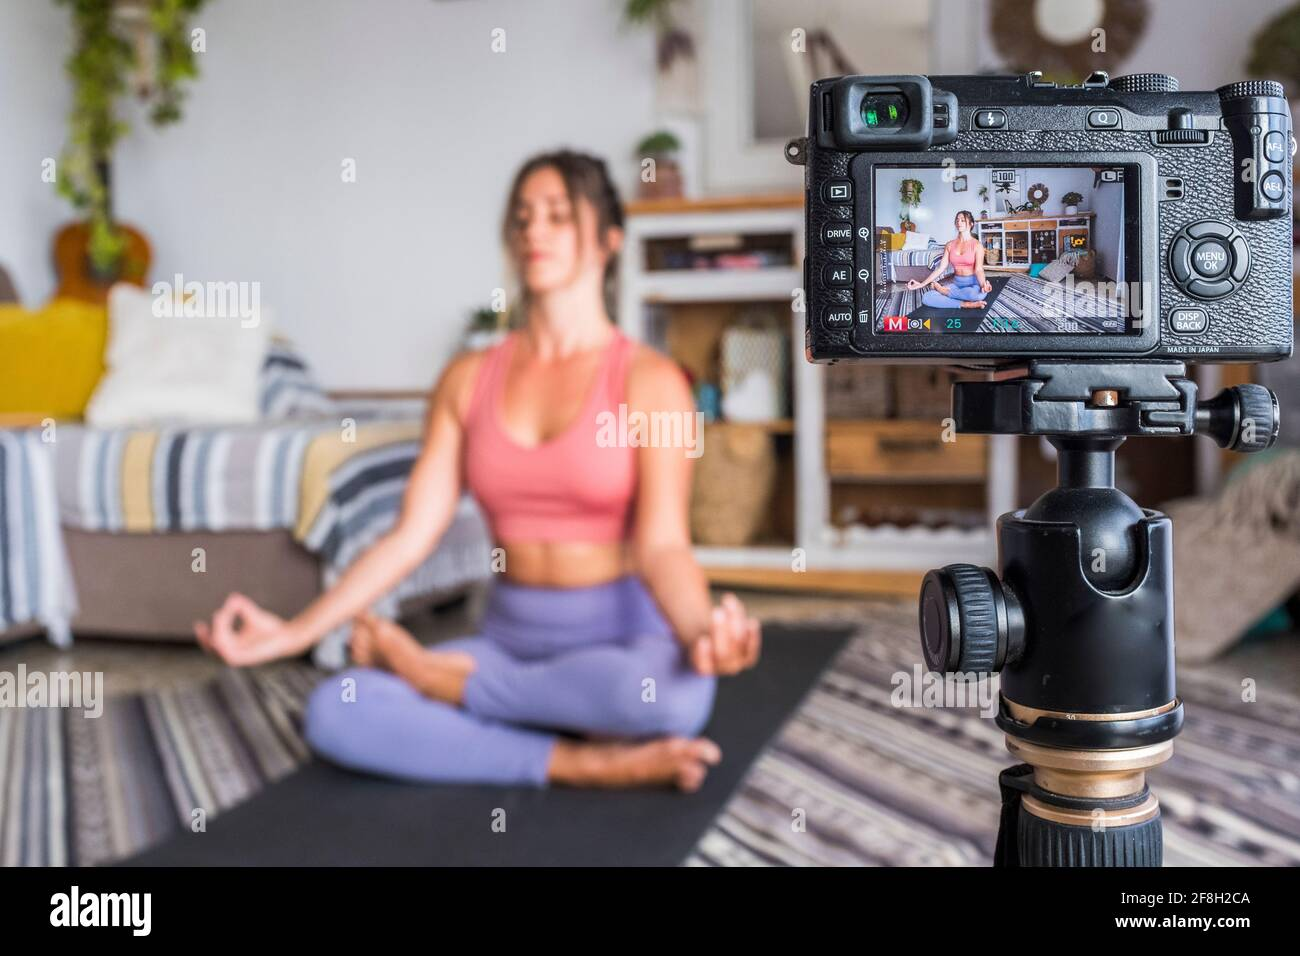 Jeune femme s'exerçant à la maison faisant pilates et l'enregistrement à elle dispose d'un appareil photo numérique pour enseigner l'entraînement et produire du web classe - les affaires du créateur de contenu Banque D'Images